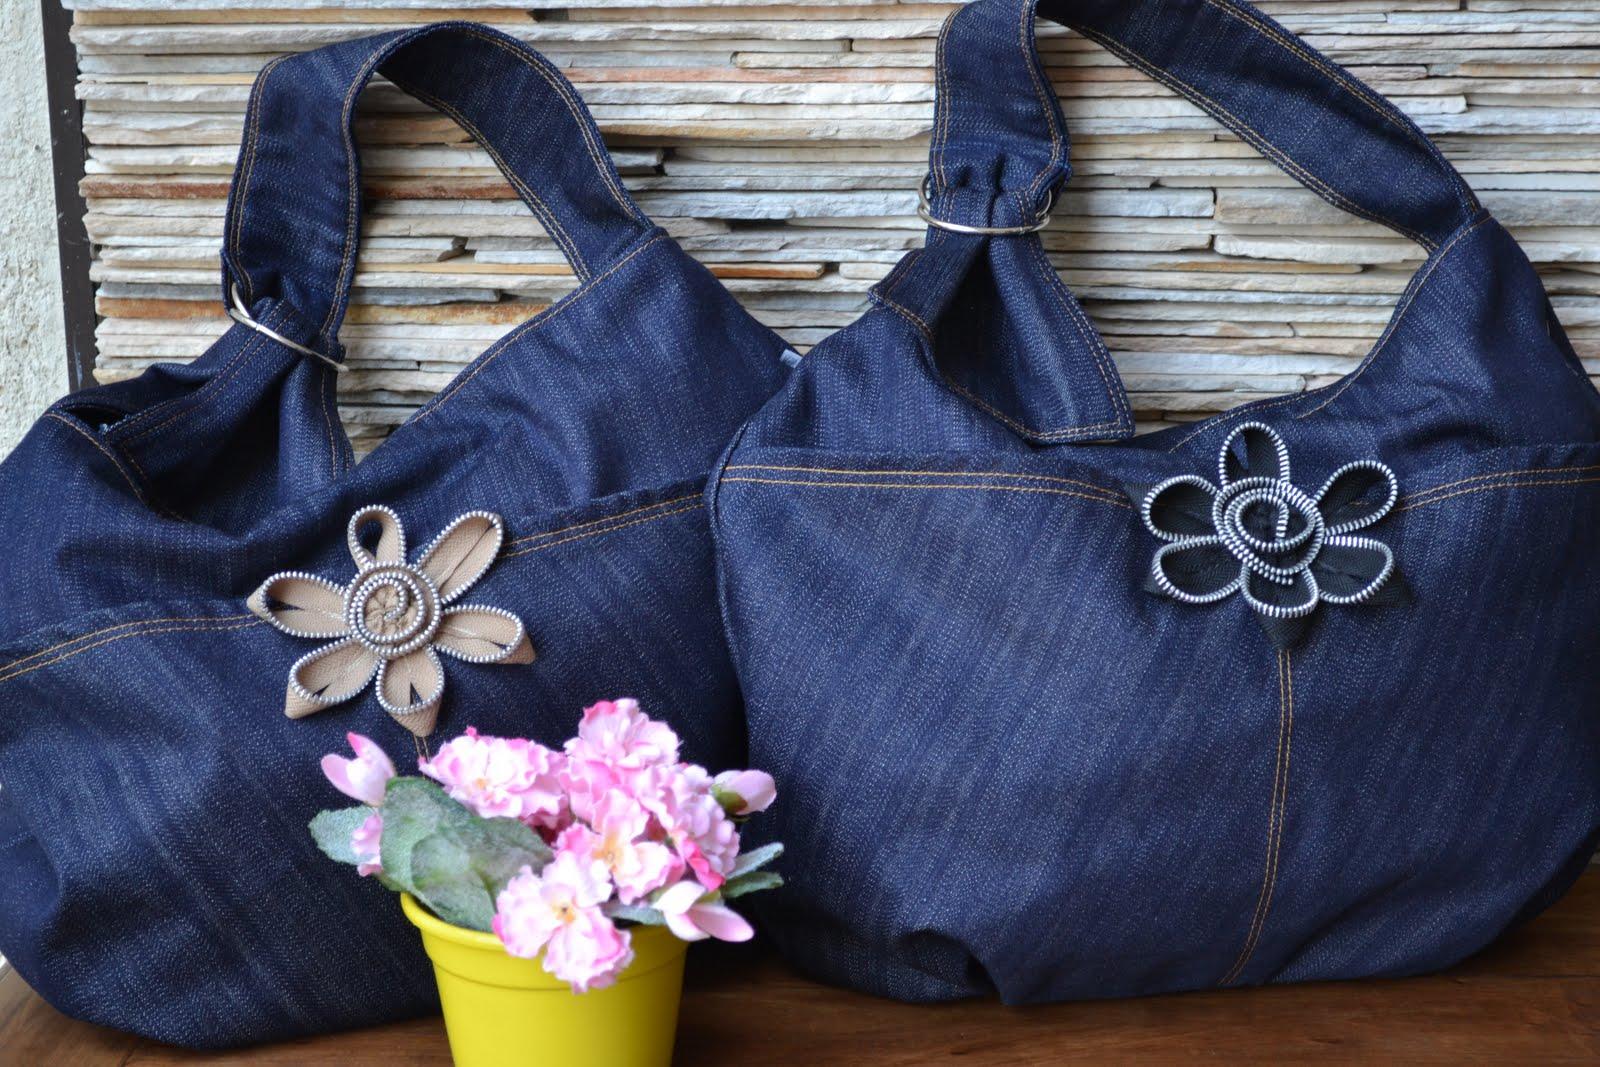 9ce2bc807 Começamos o dia com uma série de Bolsas Jeans com detalhes mil: broches,  aplicações, bordados,laços, flores e mais flores.